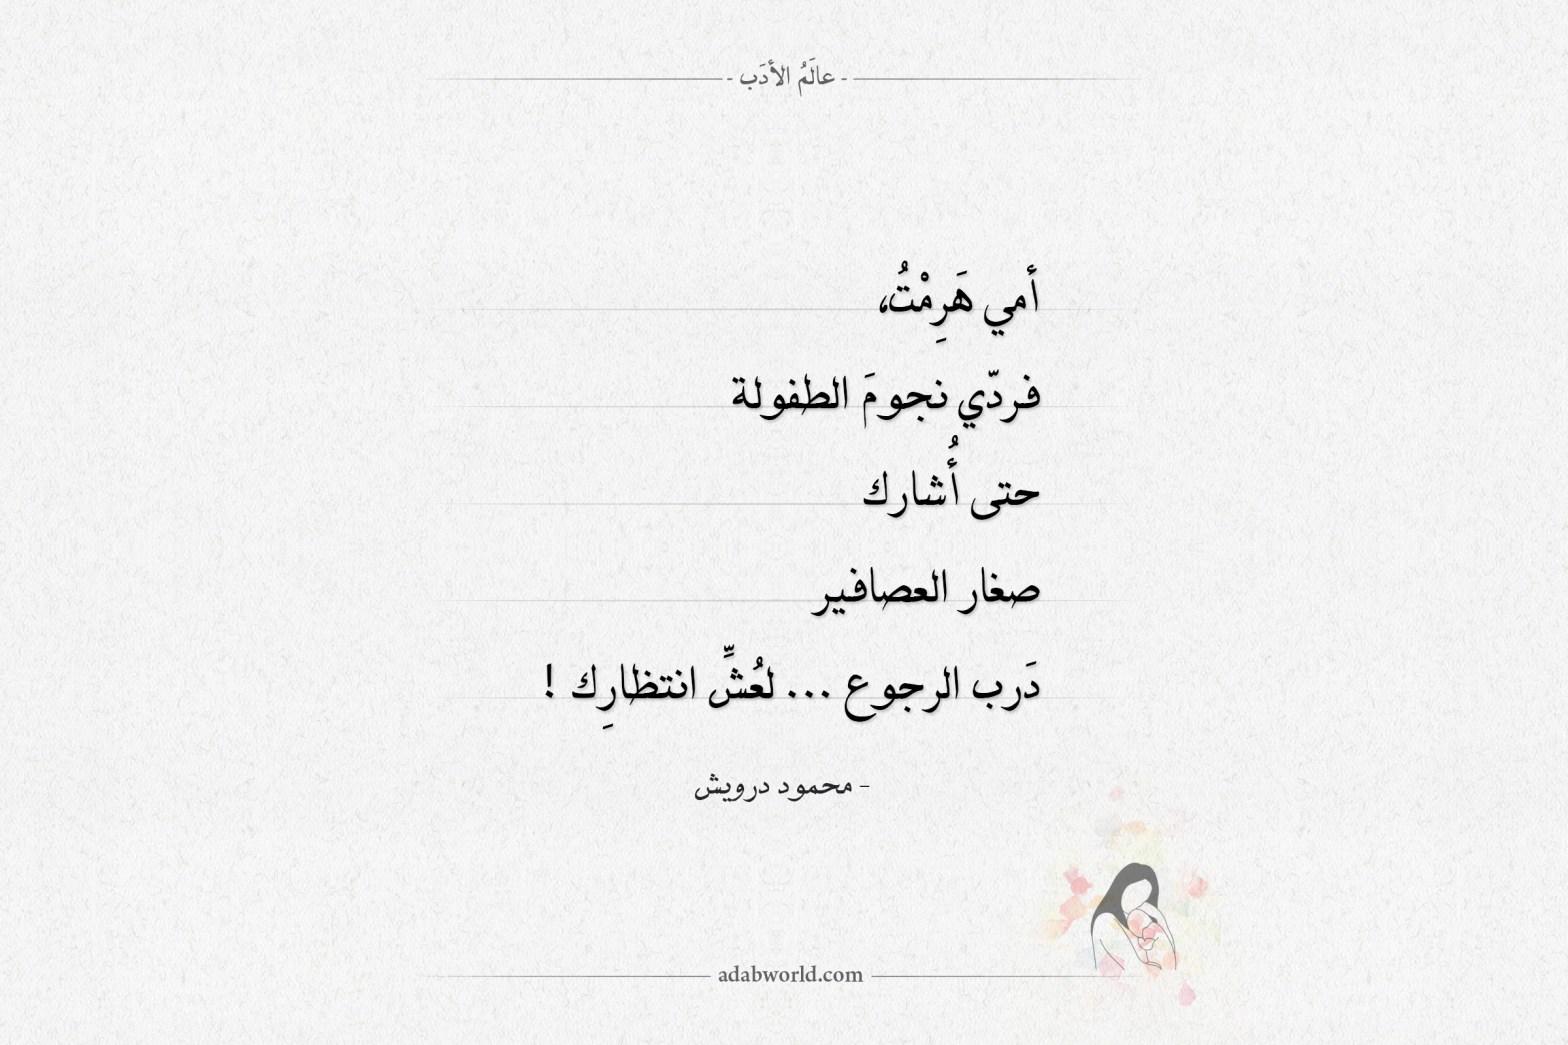 شعر محمود درويش - أمي هرمت